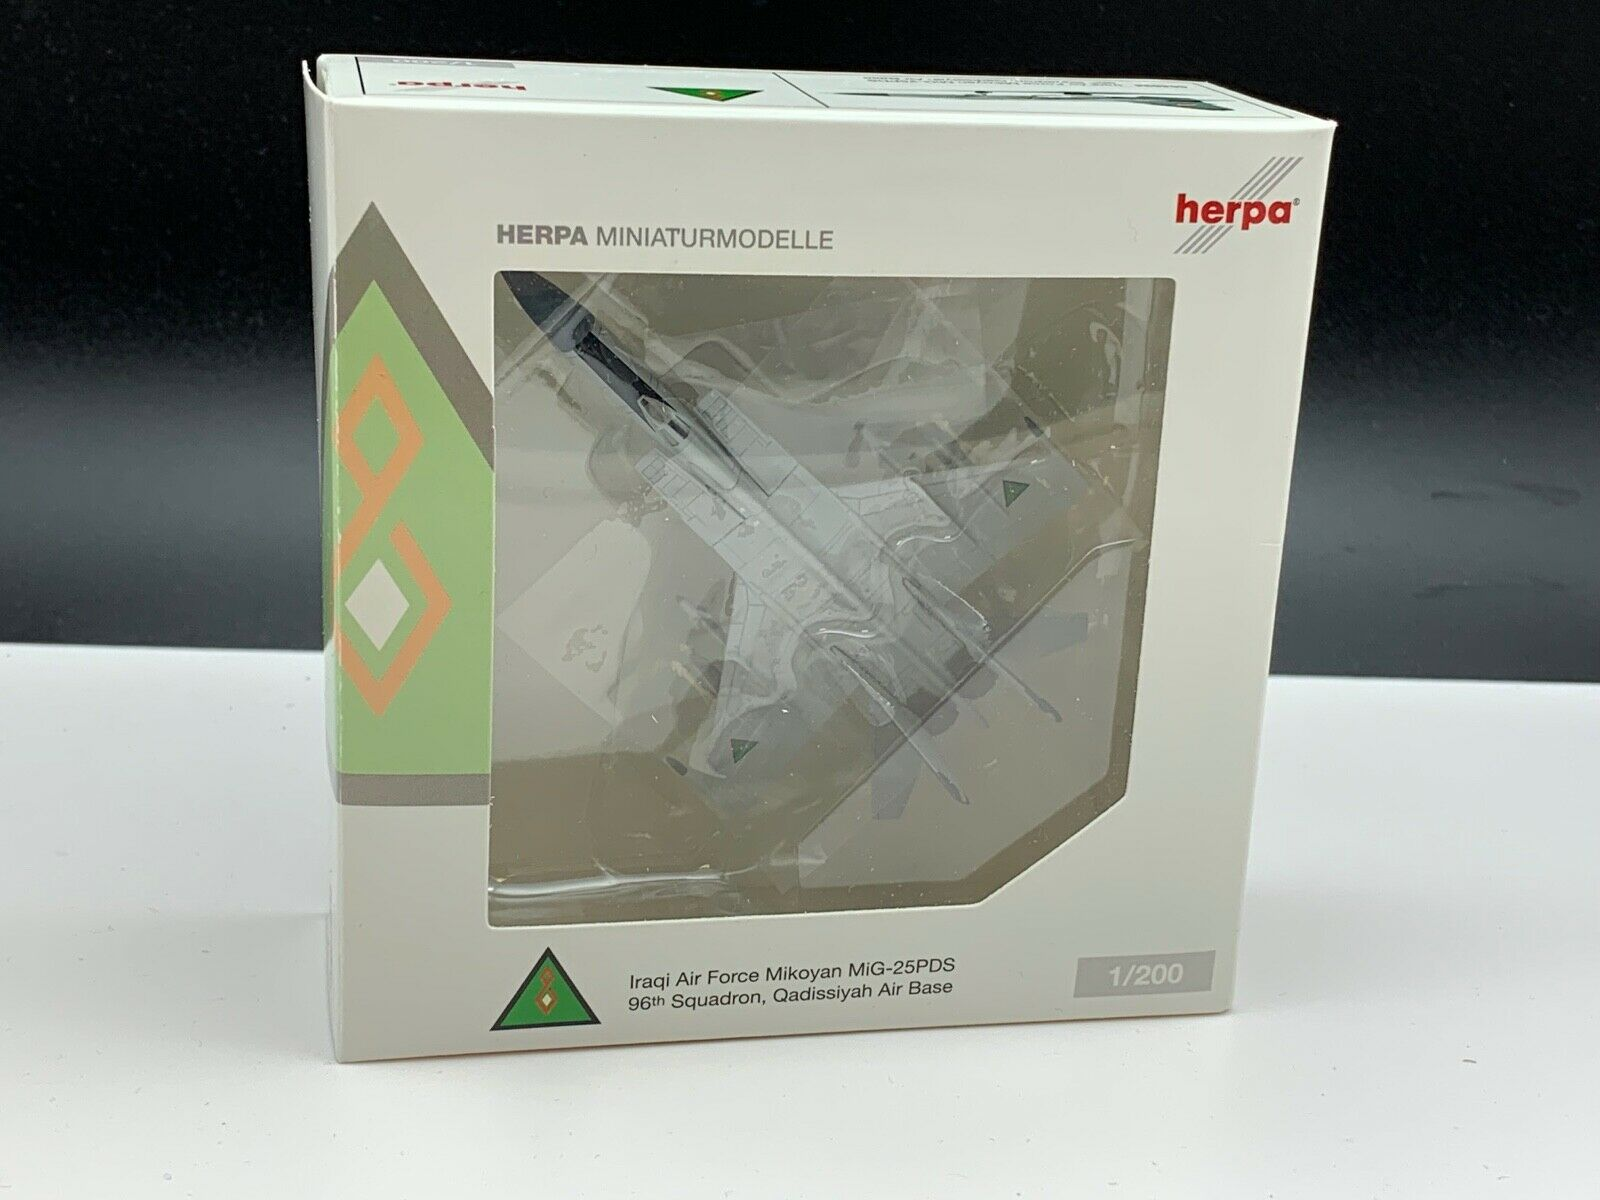 A la venta con descuento del 70%. Herpa Herpa Herpa avión 554534 modelos en miniatura avión 1 200. nunca deshacer las maletas. top  40% de descuento